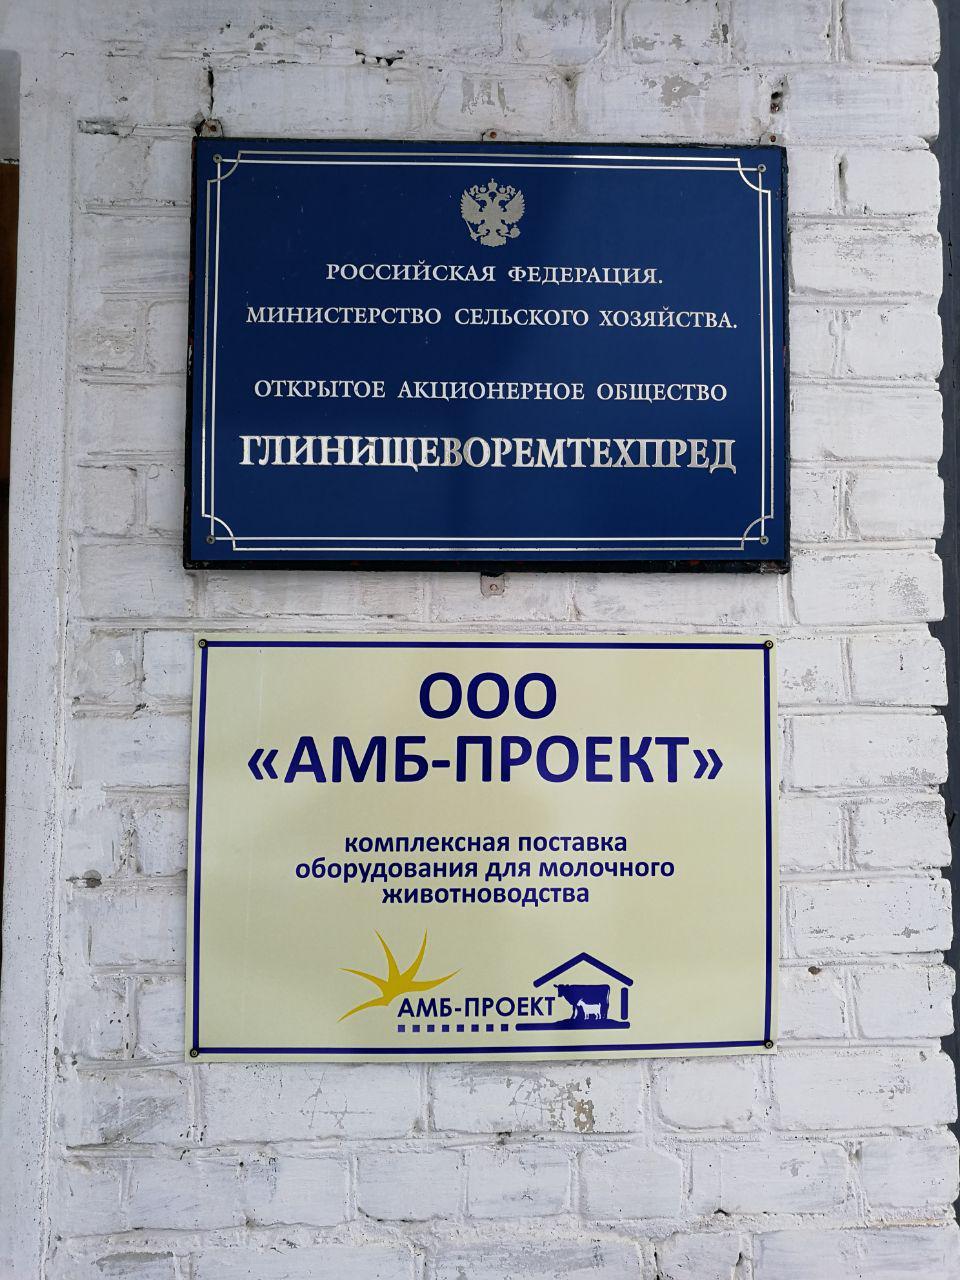 Представительство АМБ-ПРОЕКТ